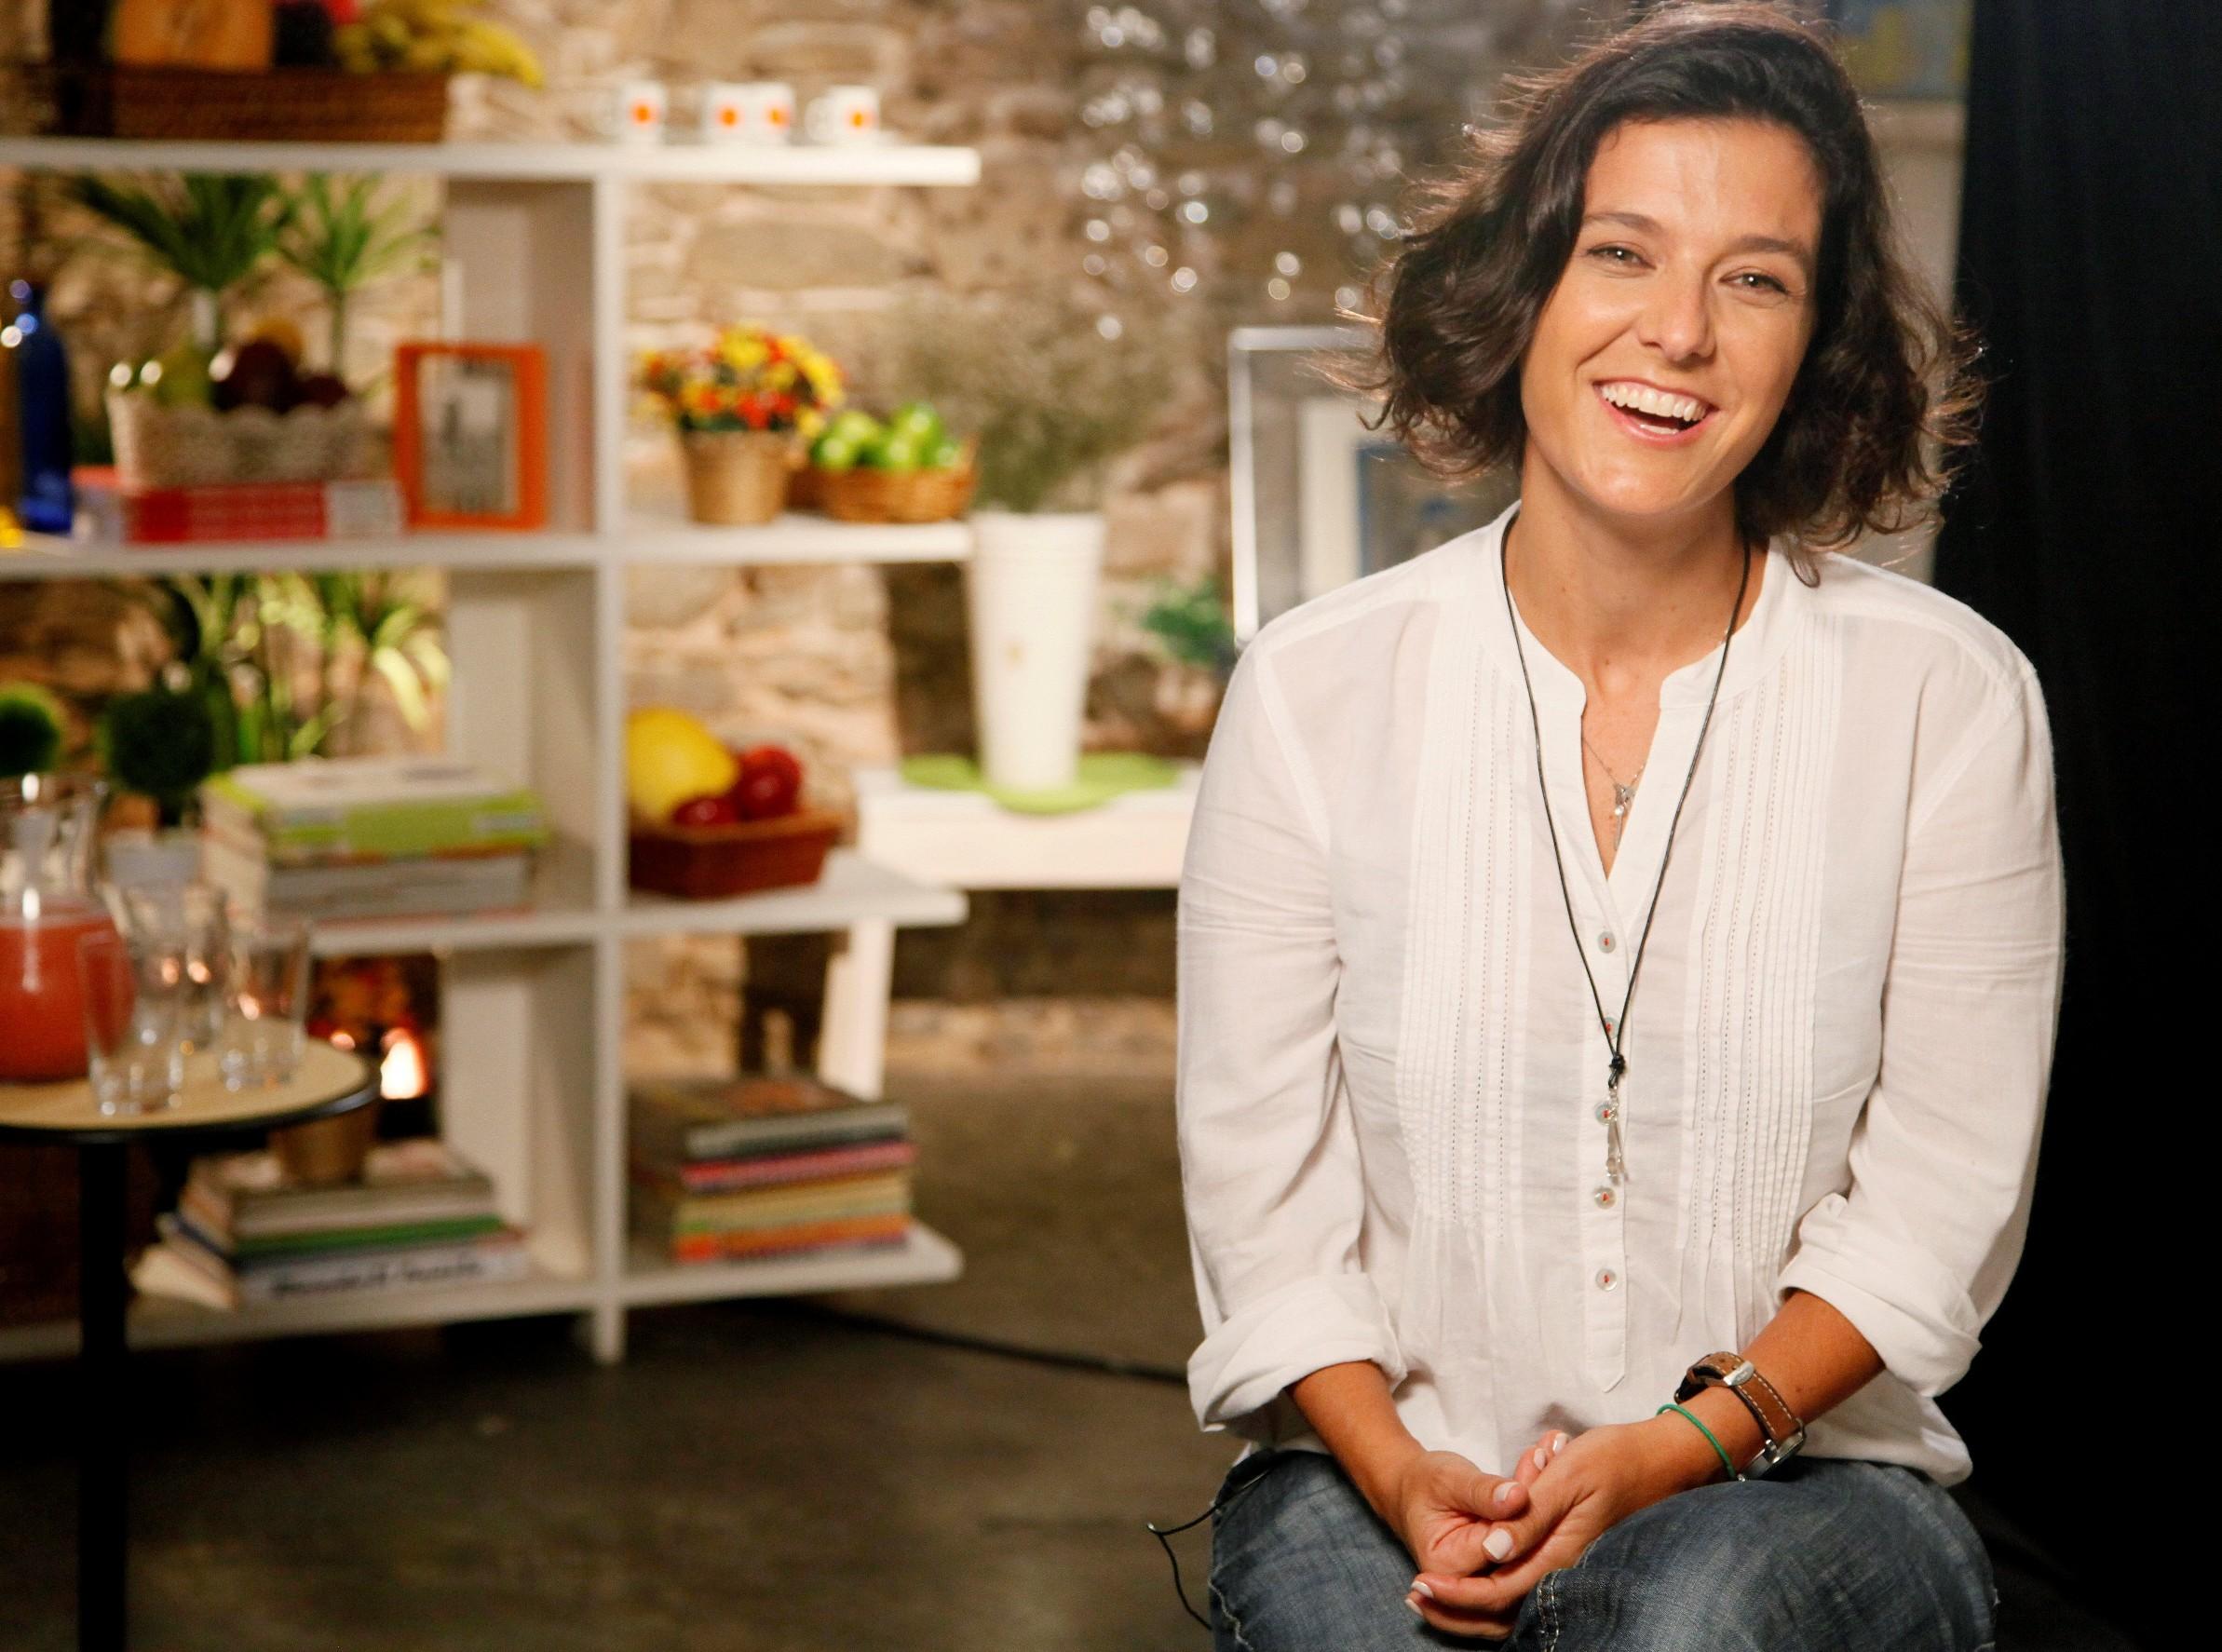 gabriela kapim fala sobre alimentação infantil